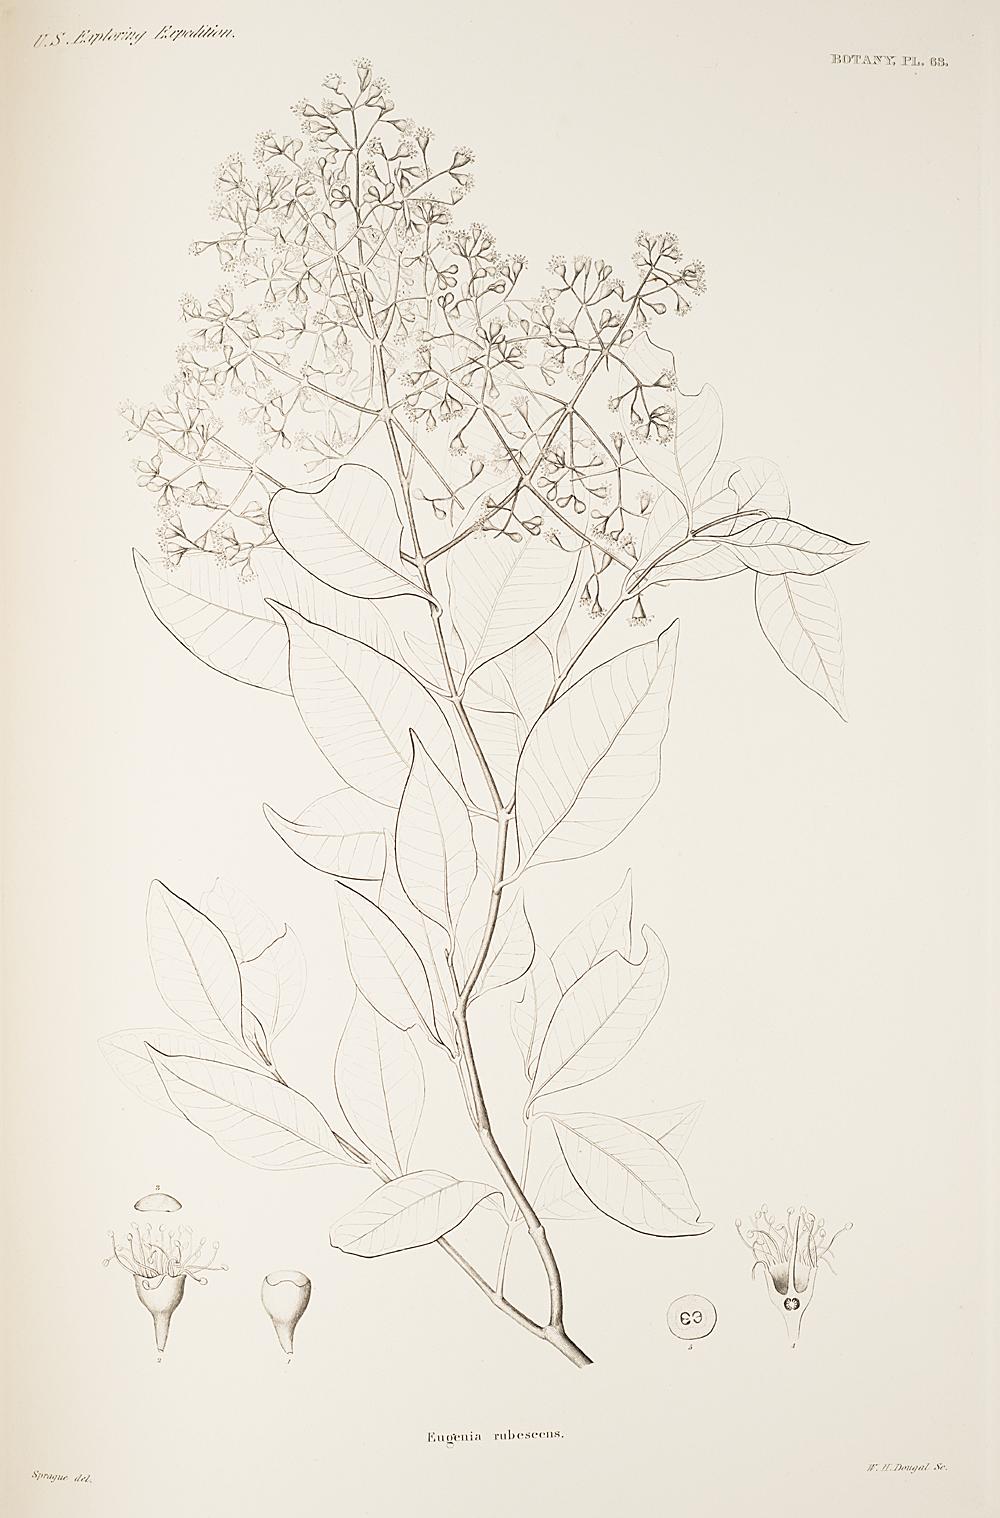 Botany, Pl. 63,  Image number:sil19-23-137b